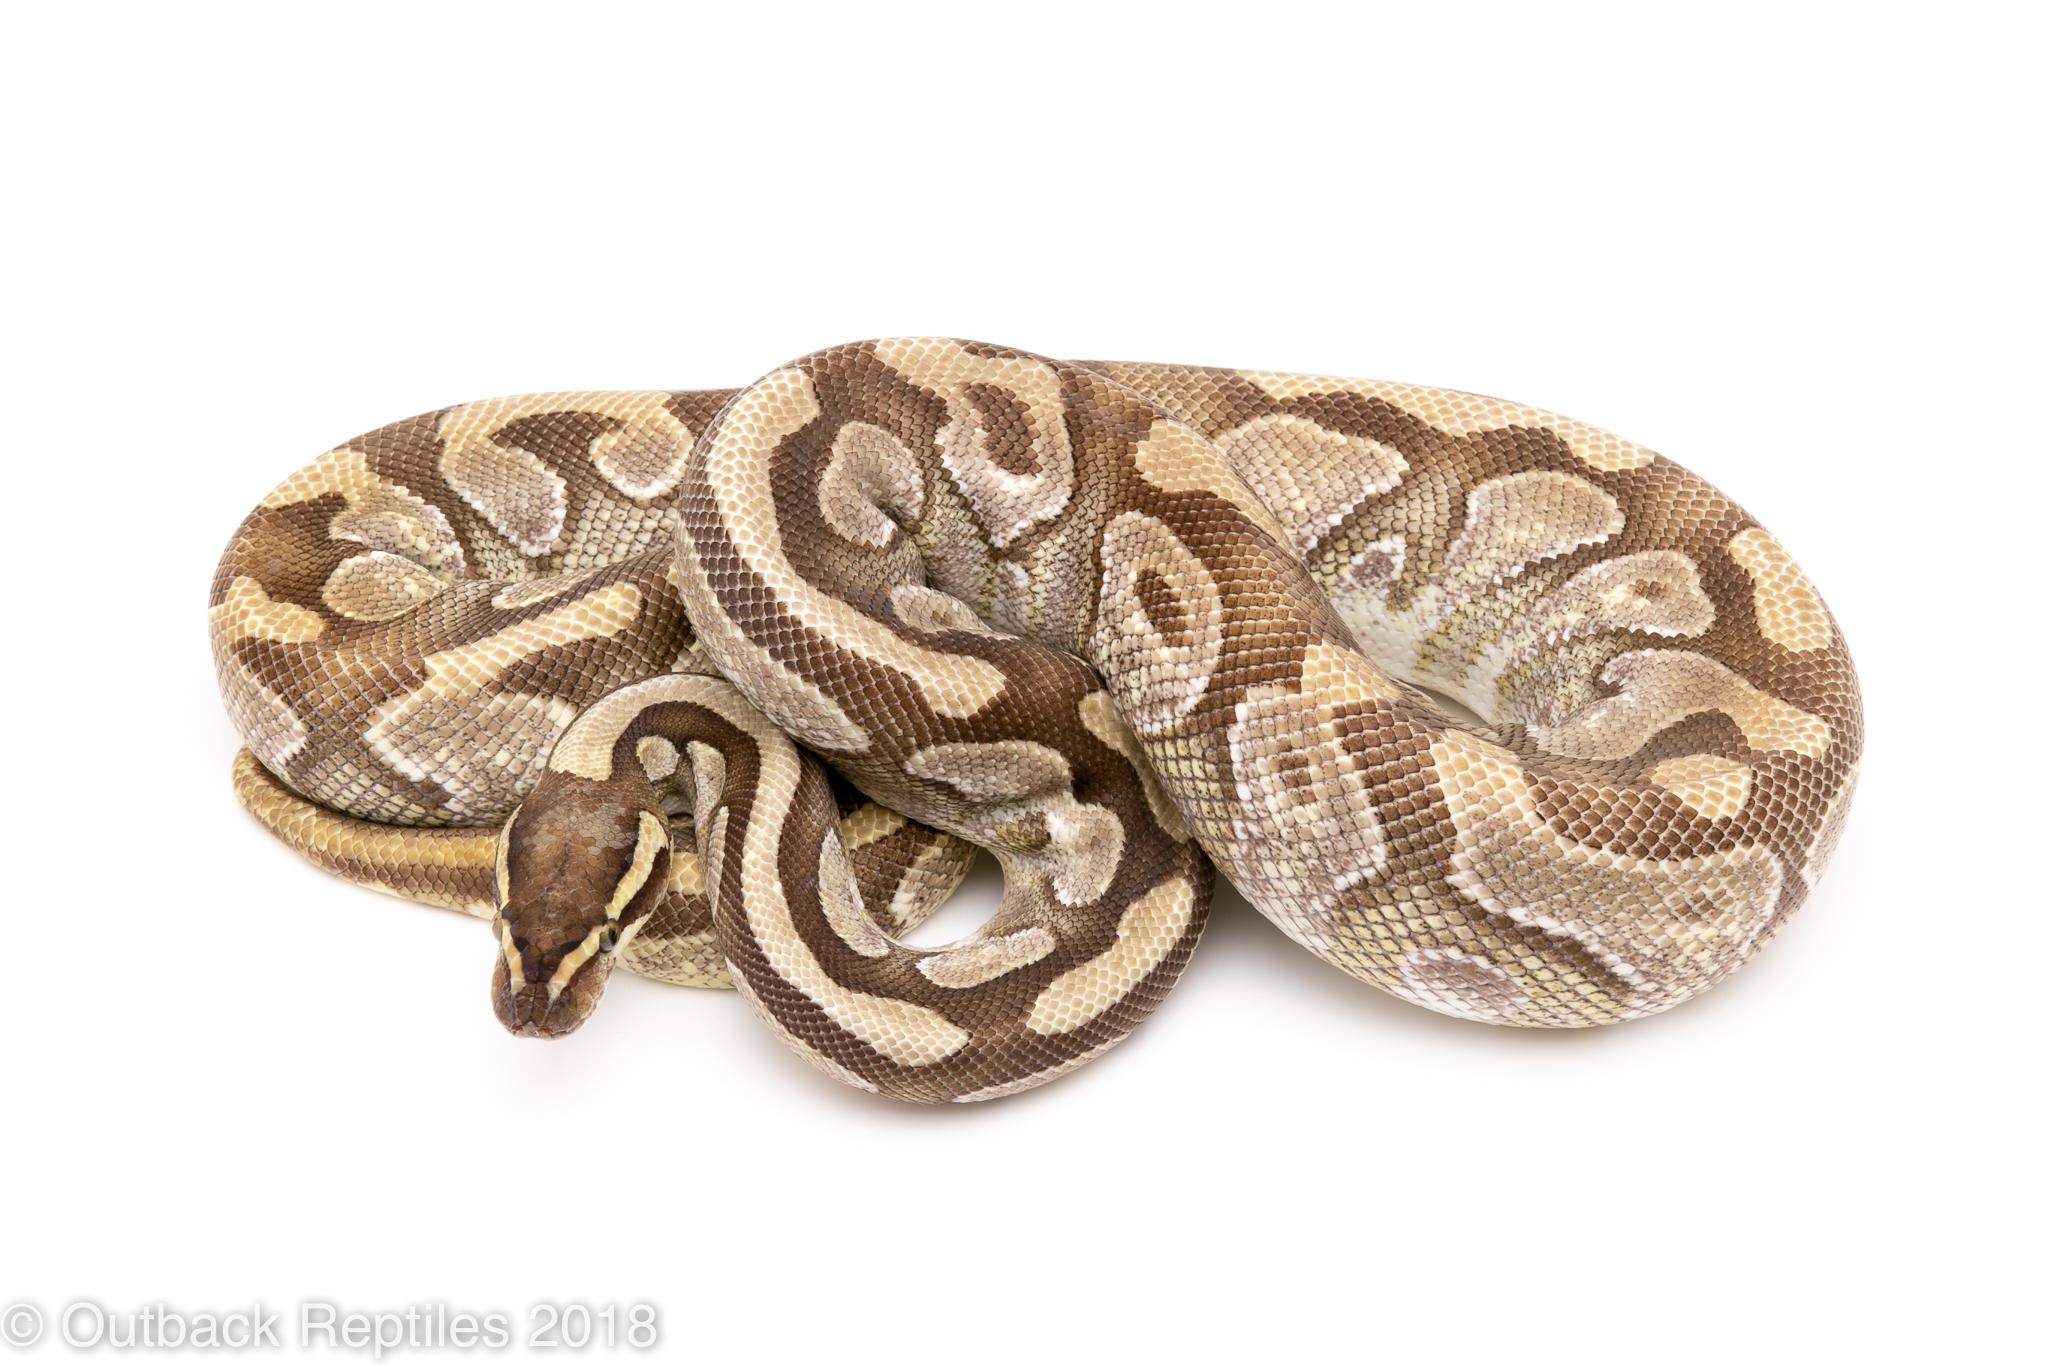 enchi mojave ball python for sale